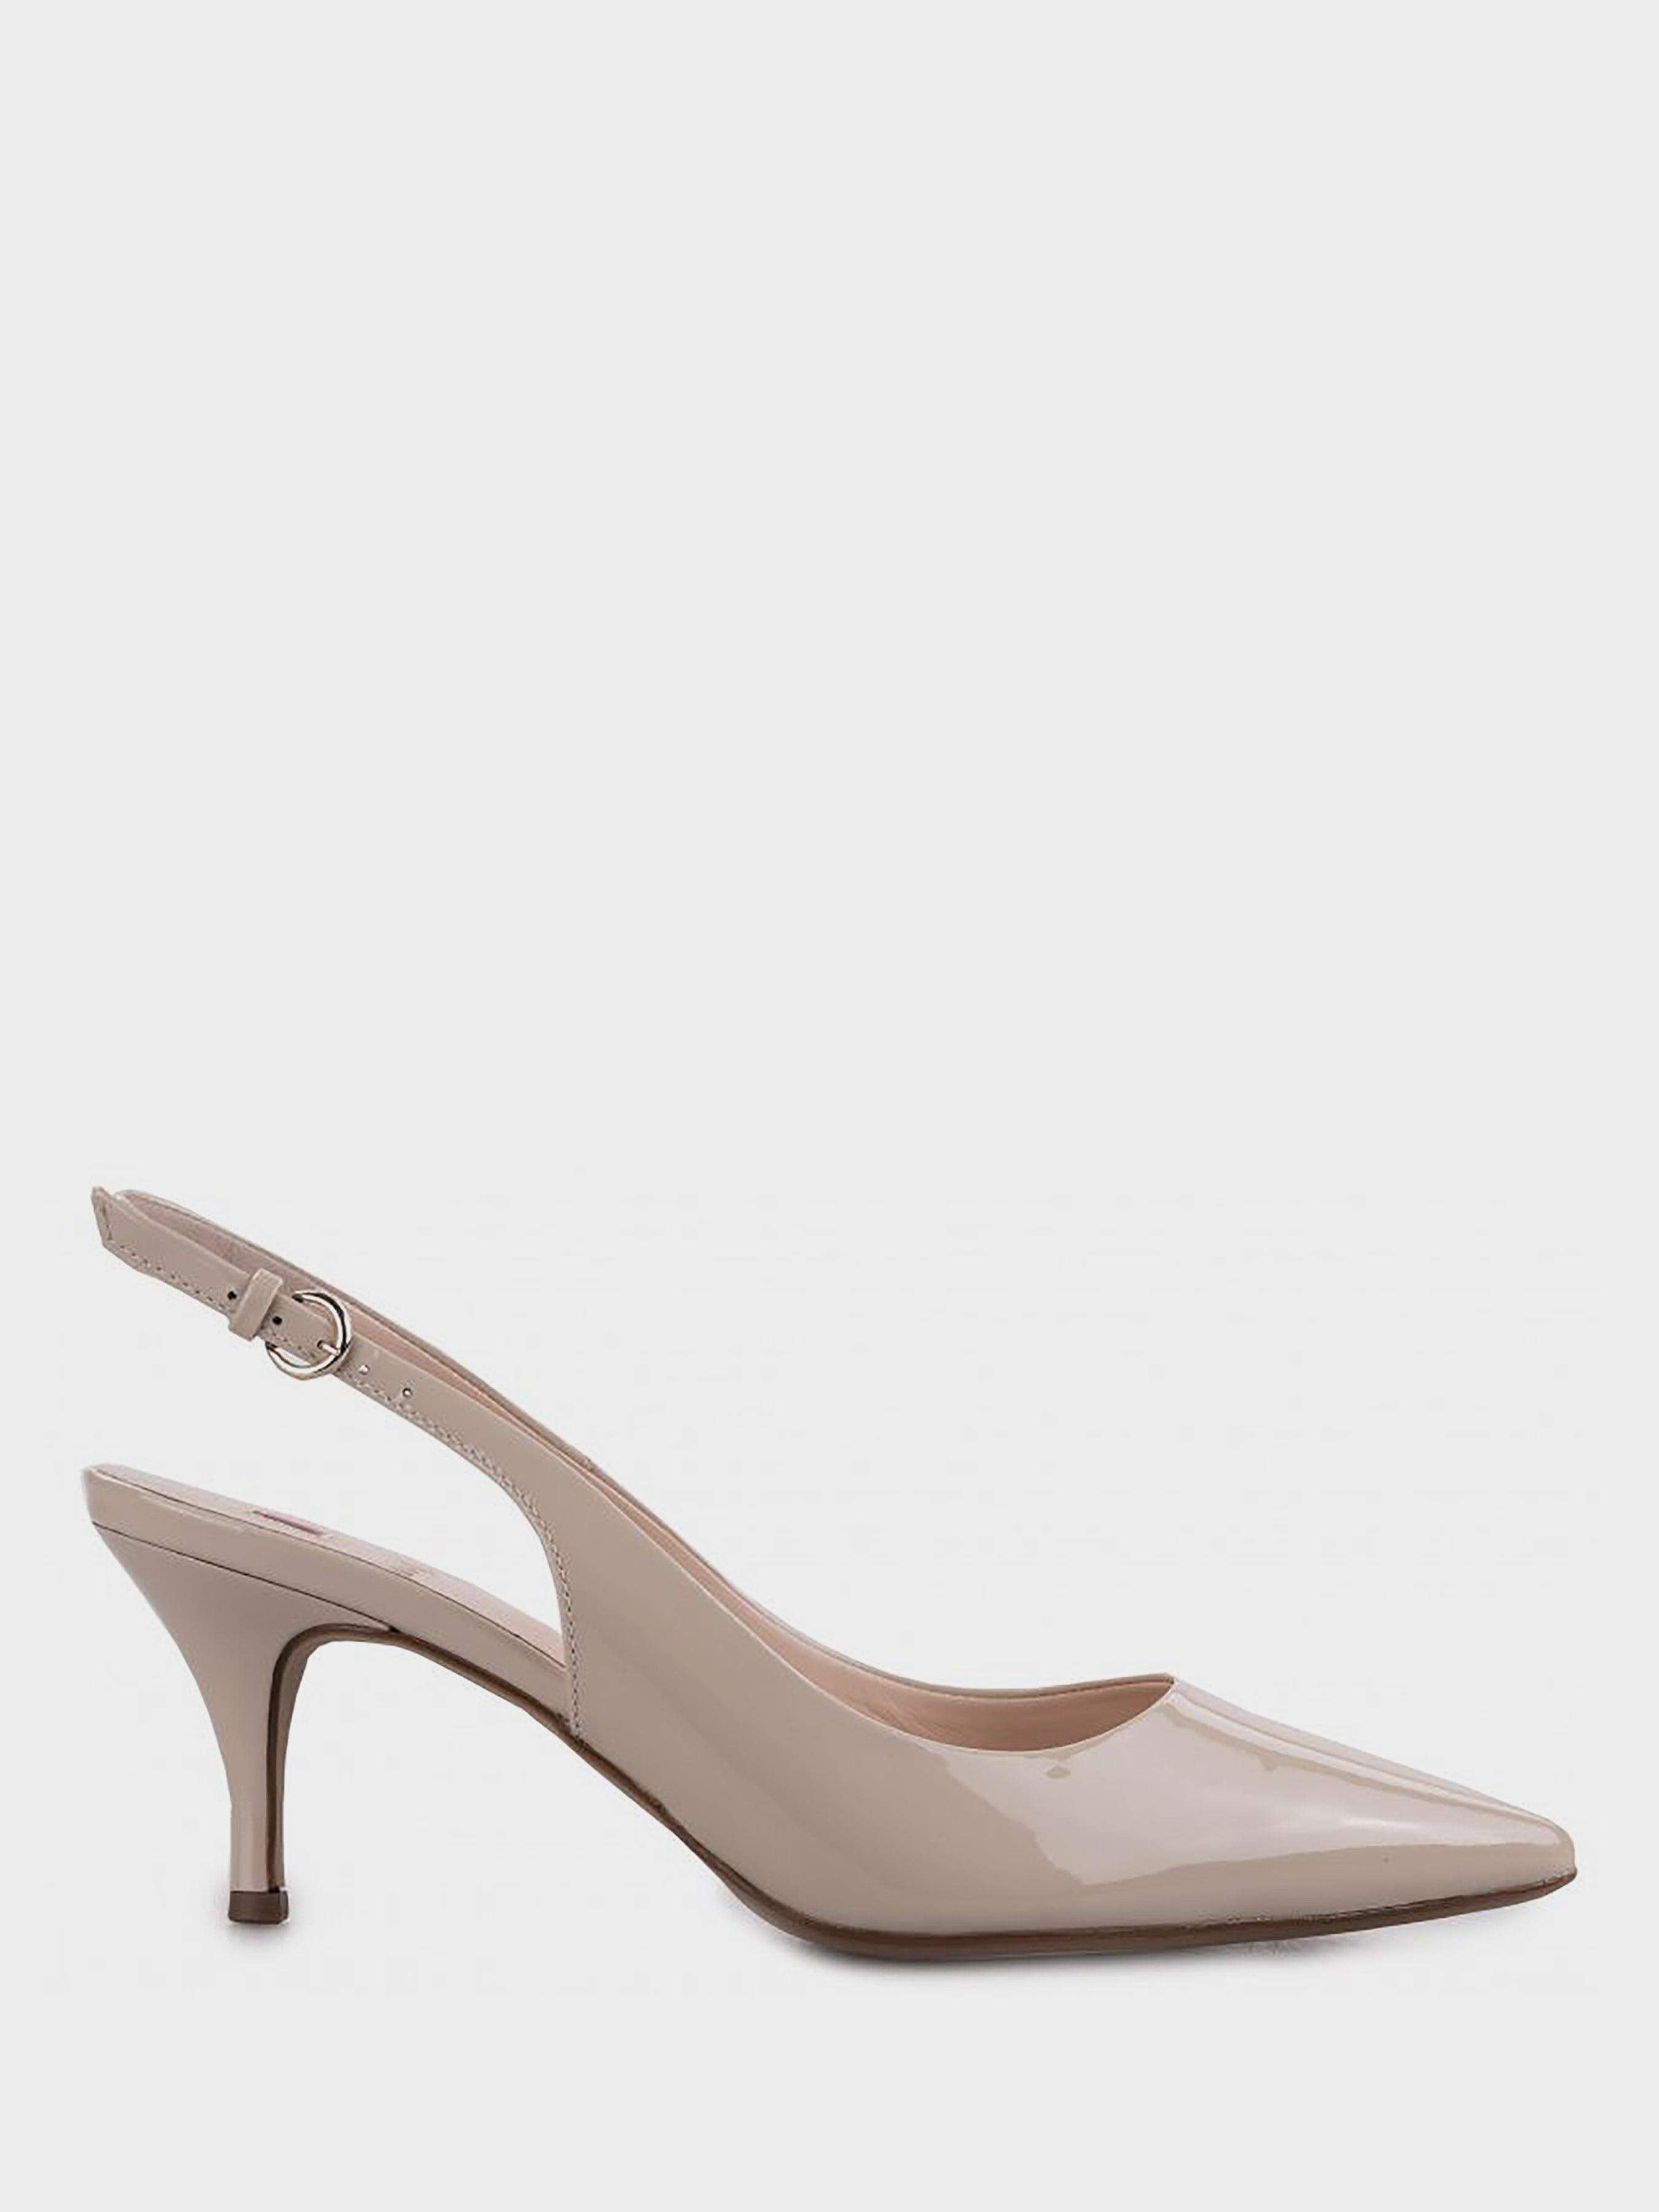 Купить Туфли женские Hogl HAMPTON YN3912, Бежевый